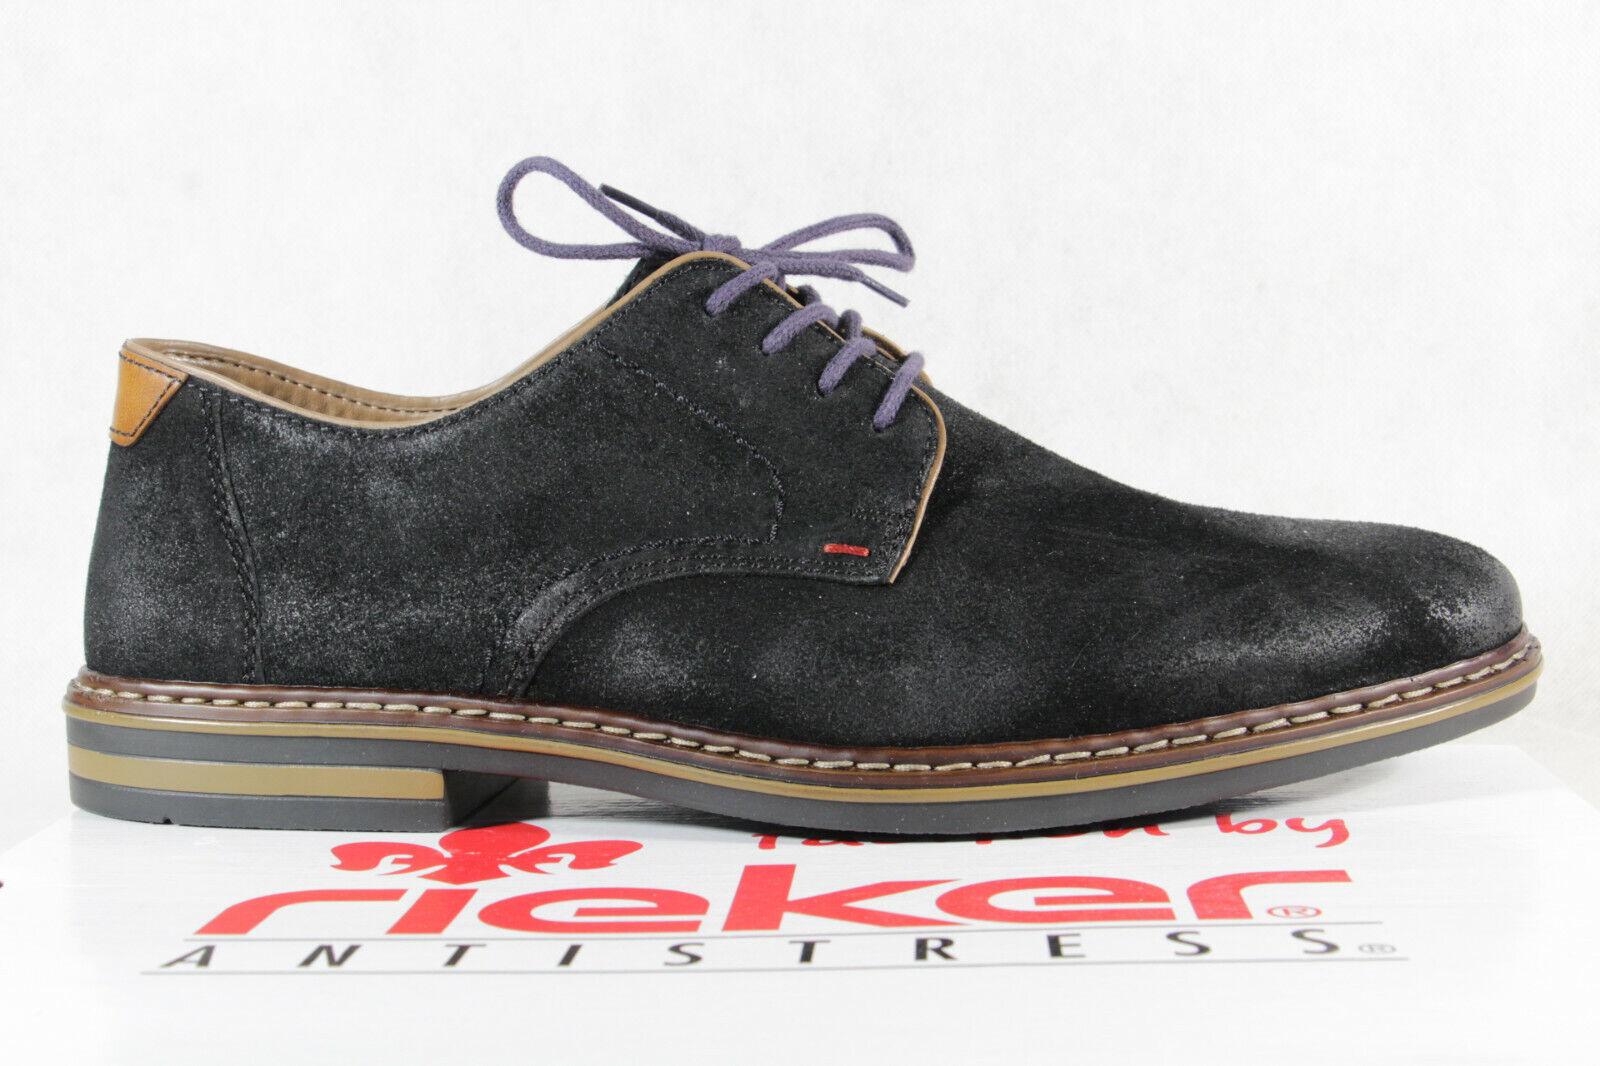 Rieker Herren Schnürschuh Halbschuh Sneaker Slipper KQ211